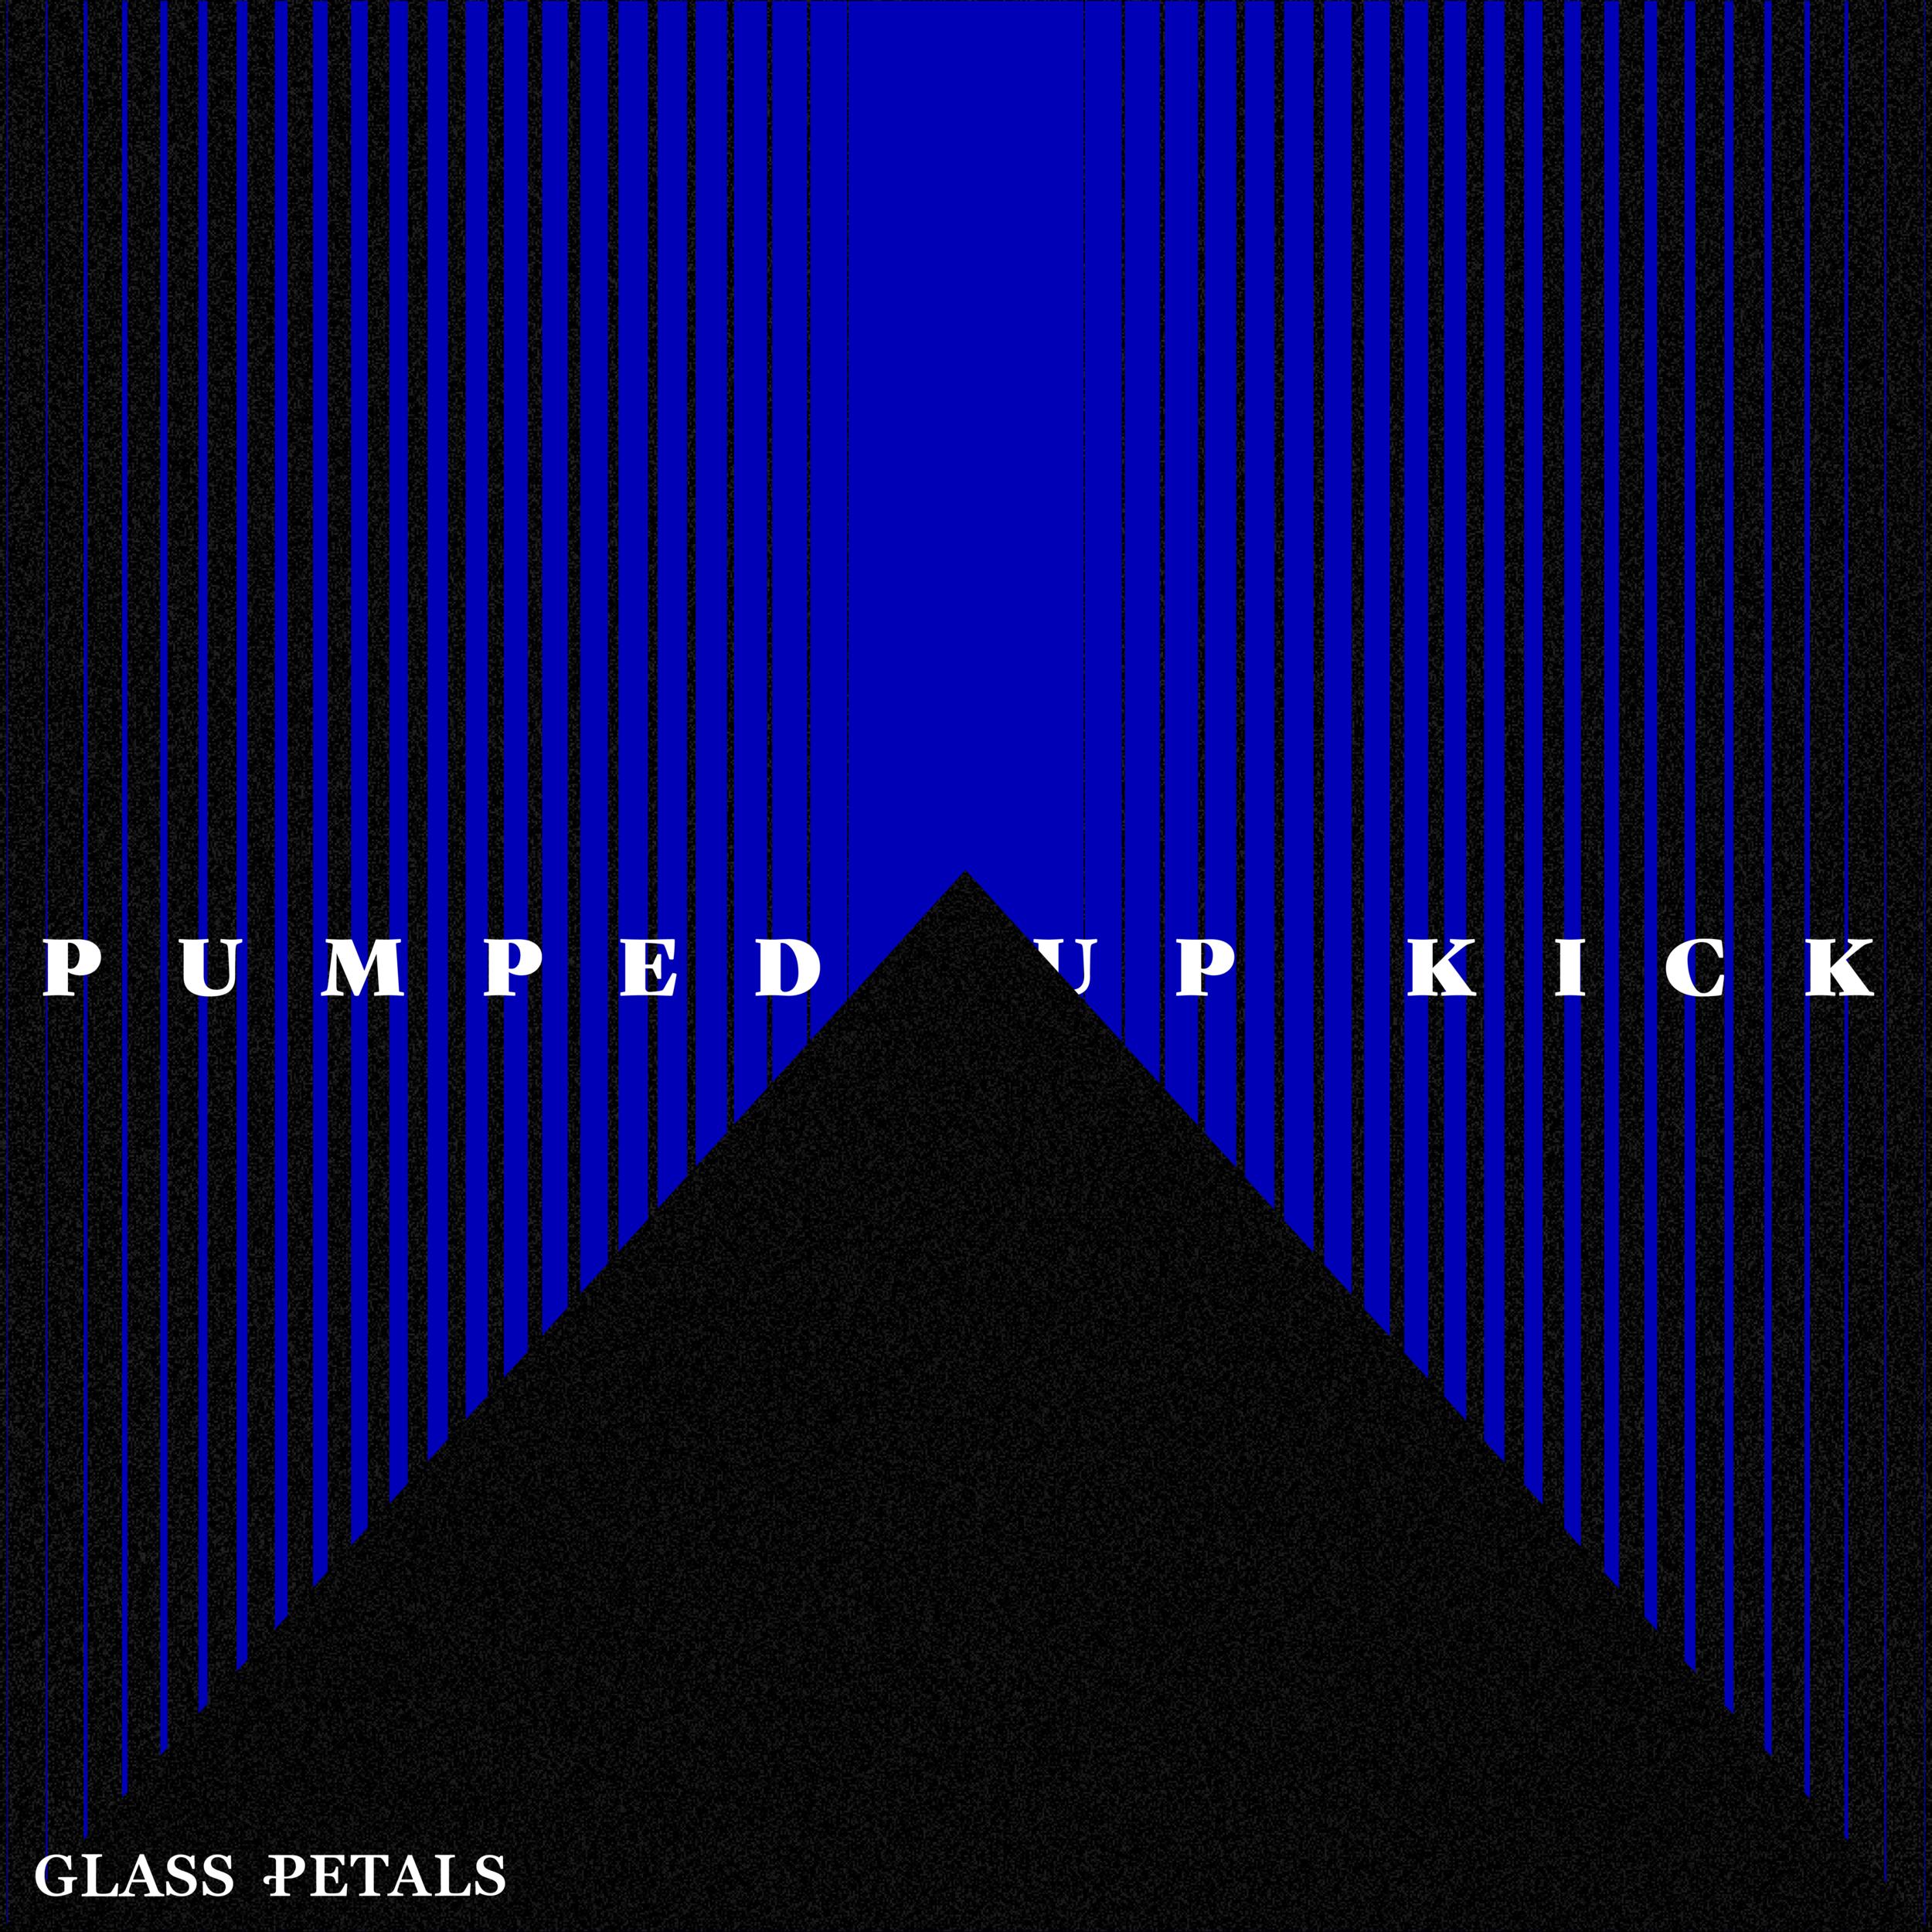 Pumped-Up-Kick-Art-Final.png